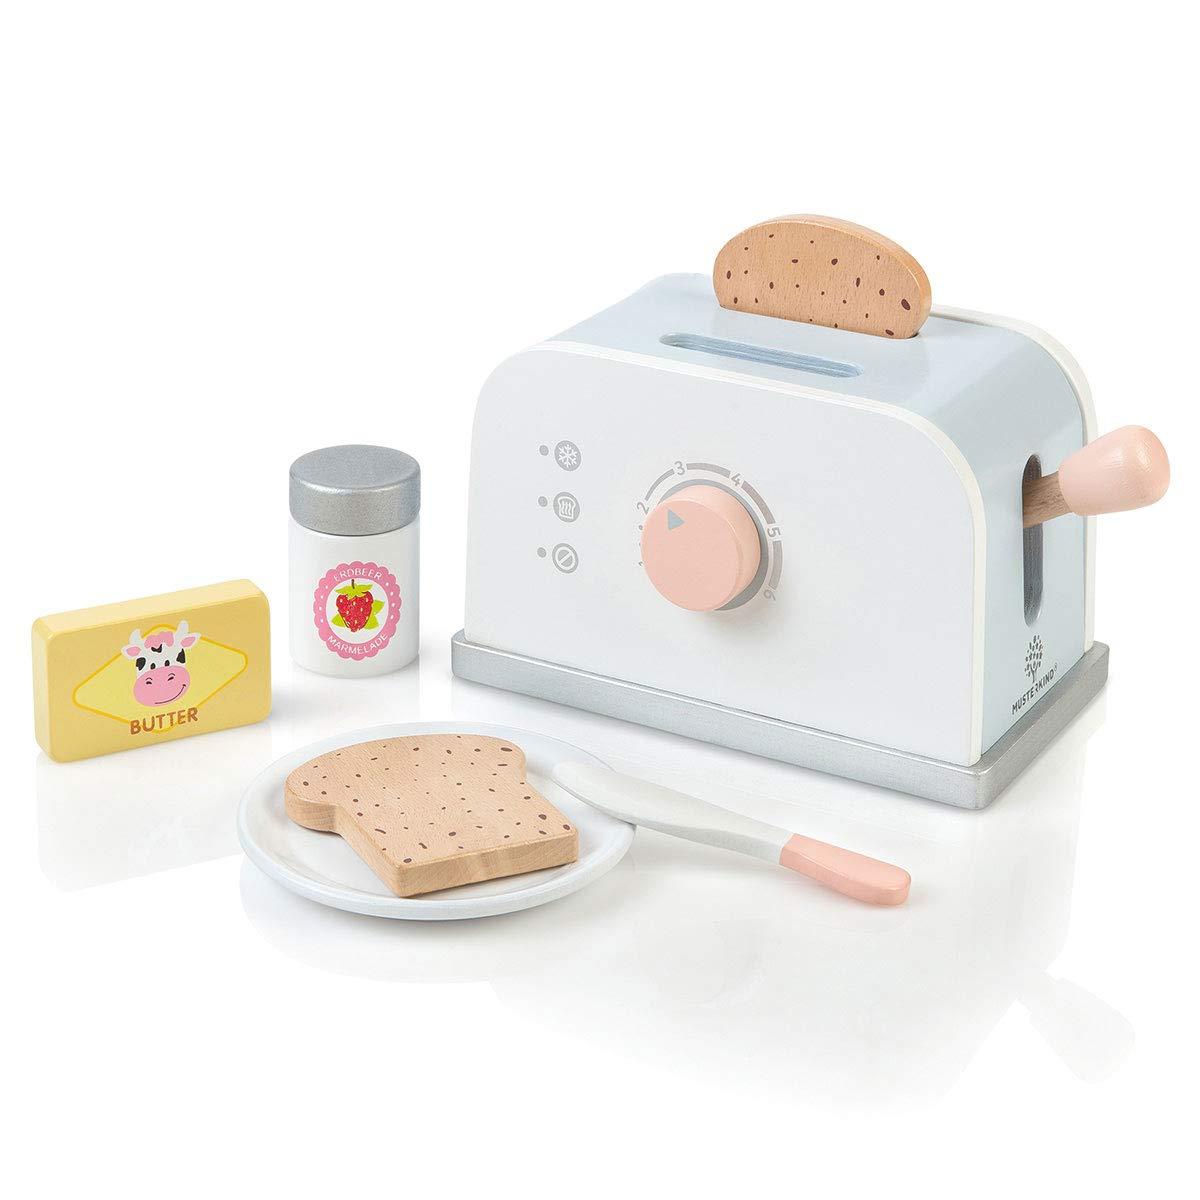 Kinder Toaster - MUSTERKIND Toaster Olea - Spielzeug Toaster